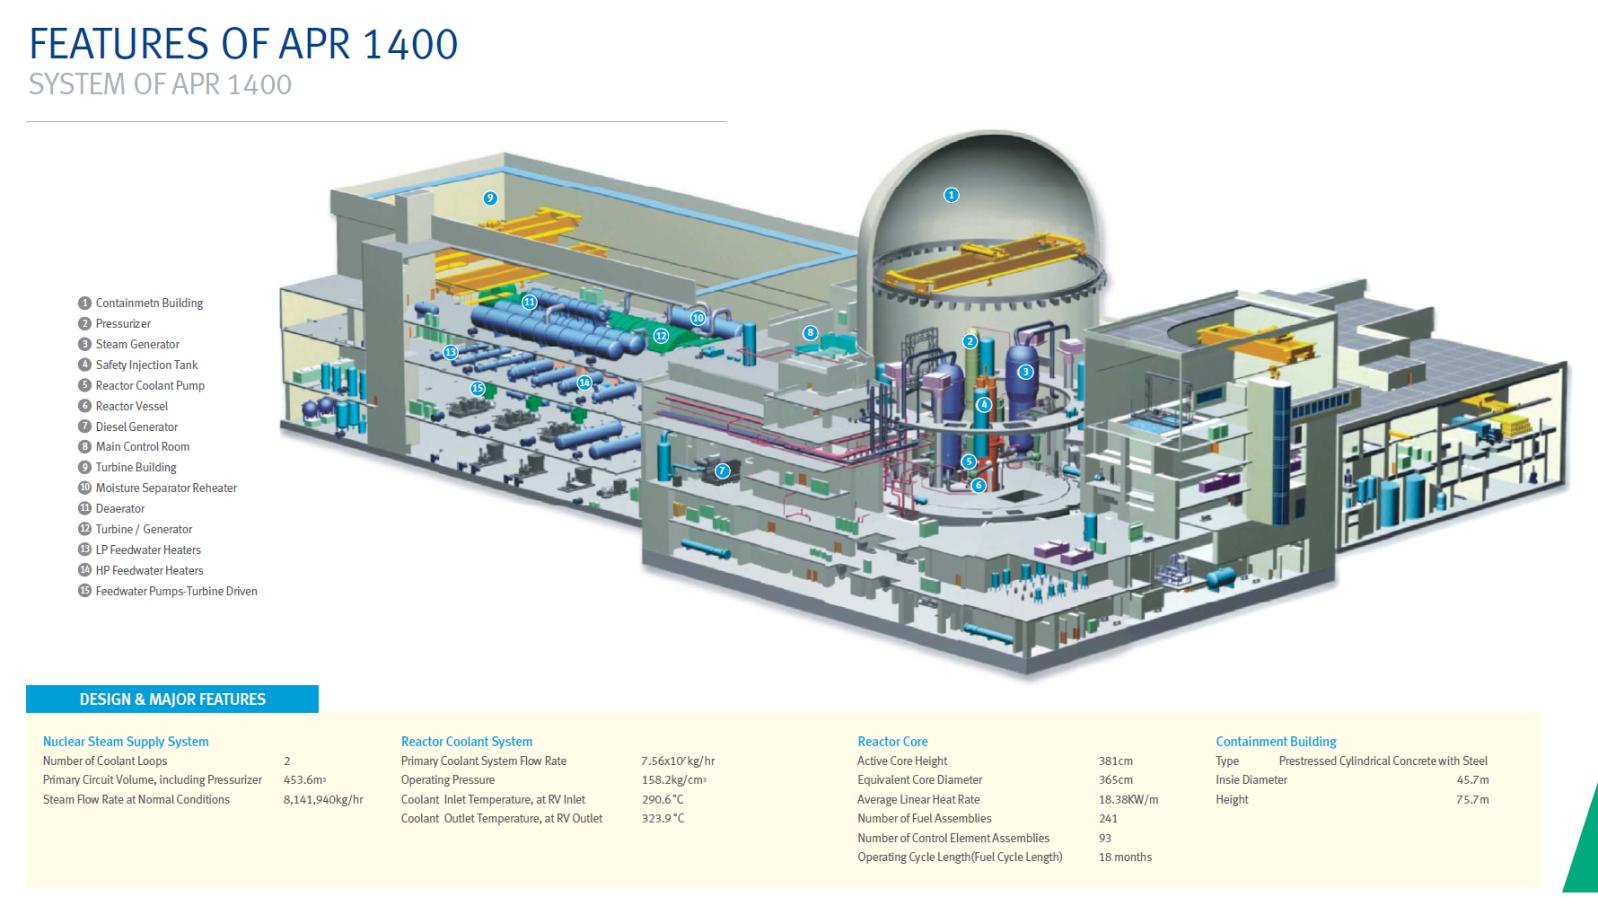 Návrh korejského reaktoru APR-1400 čeká v USA na schválení ...: http://atominfo.cz/2013/10/navrh-korejskeho-reaktoru-apr-1400-ceka-v-usa-na-schvaleni/